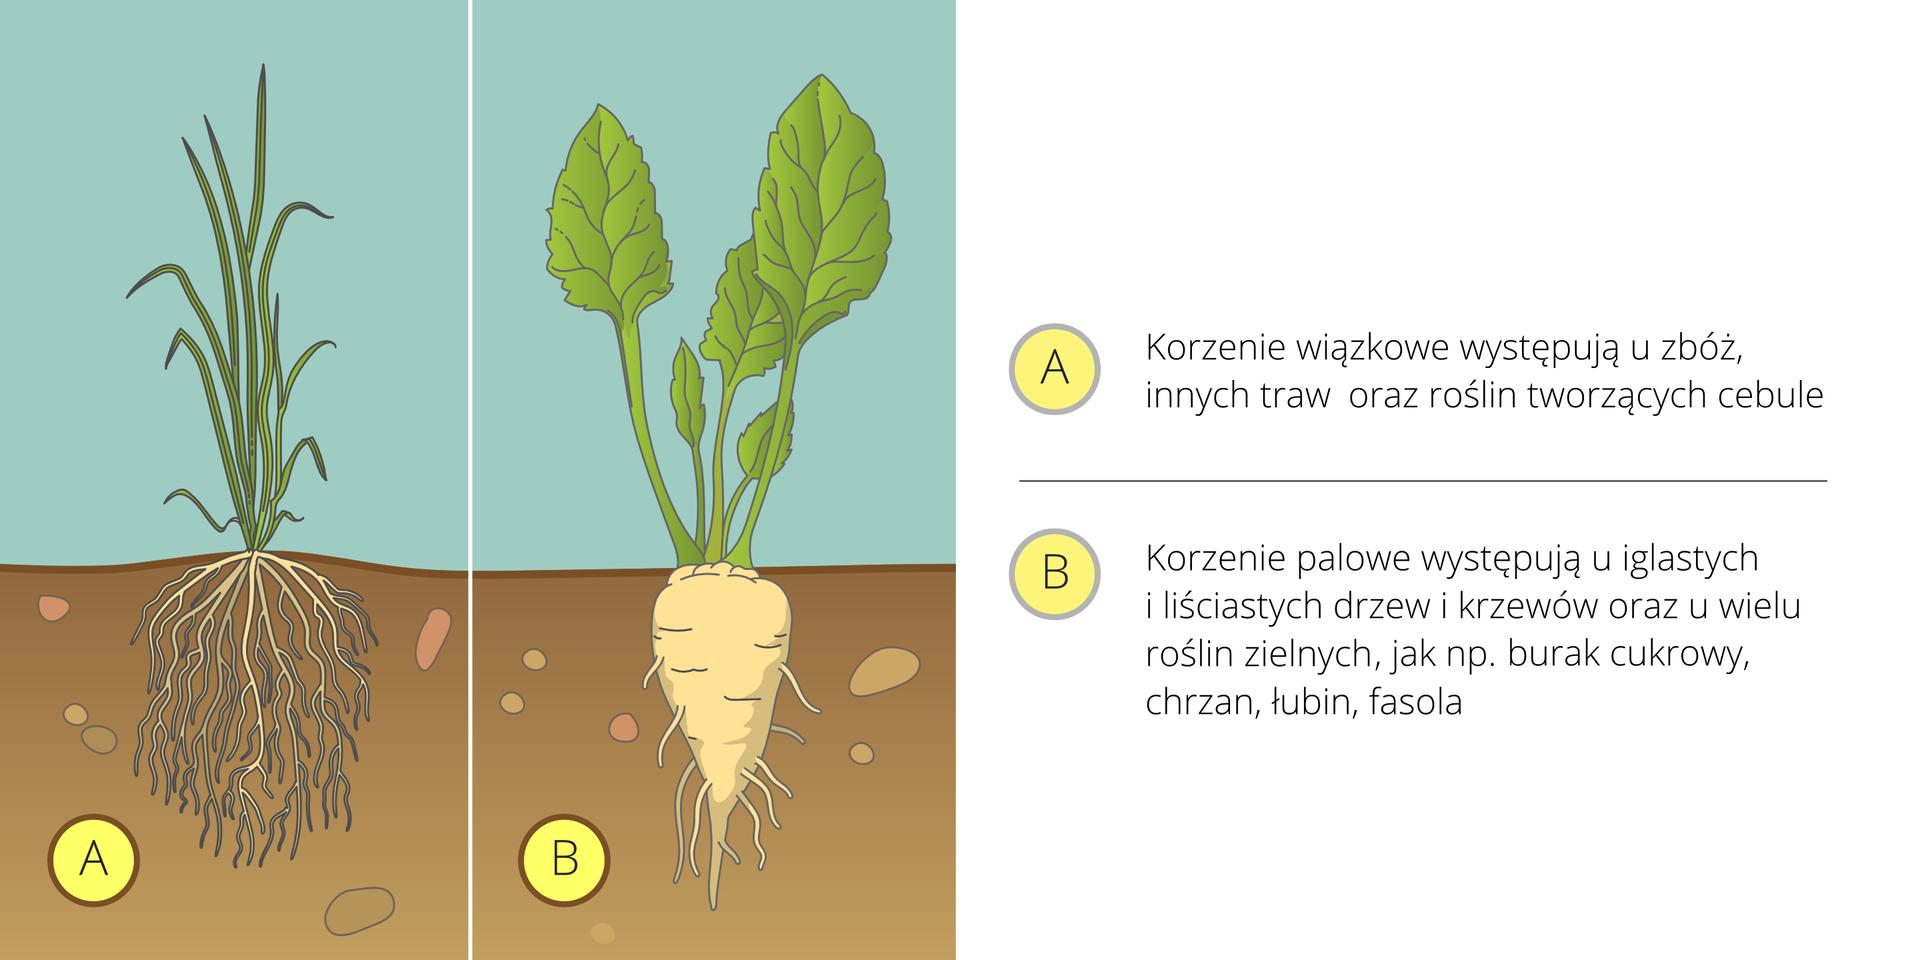 Ilustracja przedstawia dwie rośliny obok siebie na tle, symbolizującym atmosferę iglebę. Pierwsza zlewej ma długie, wąskie ciemnozielone liście iwiązkę białych korzeni, oznaczoną literą A. Druga ma duże, jajowate, jasnozielone liście igruby, biały korzeń, oznaczony literą B. Obok znajdują się opisy korzeni.